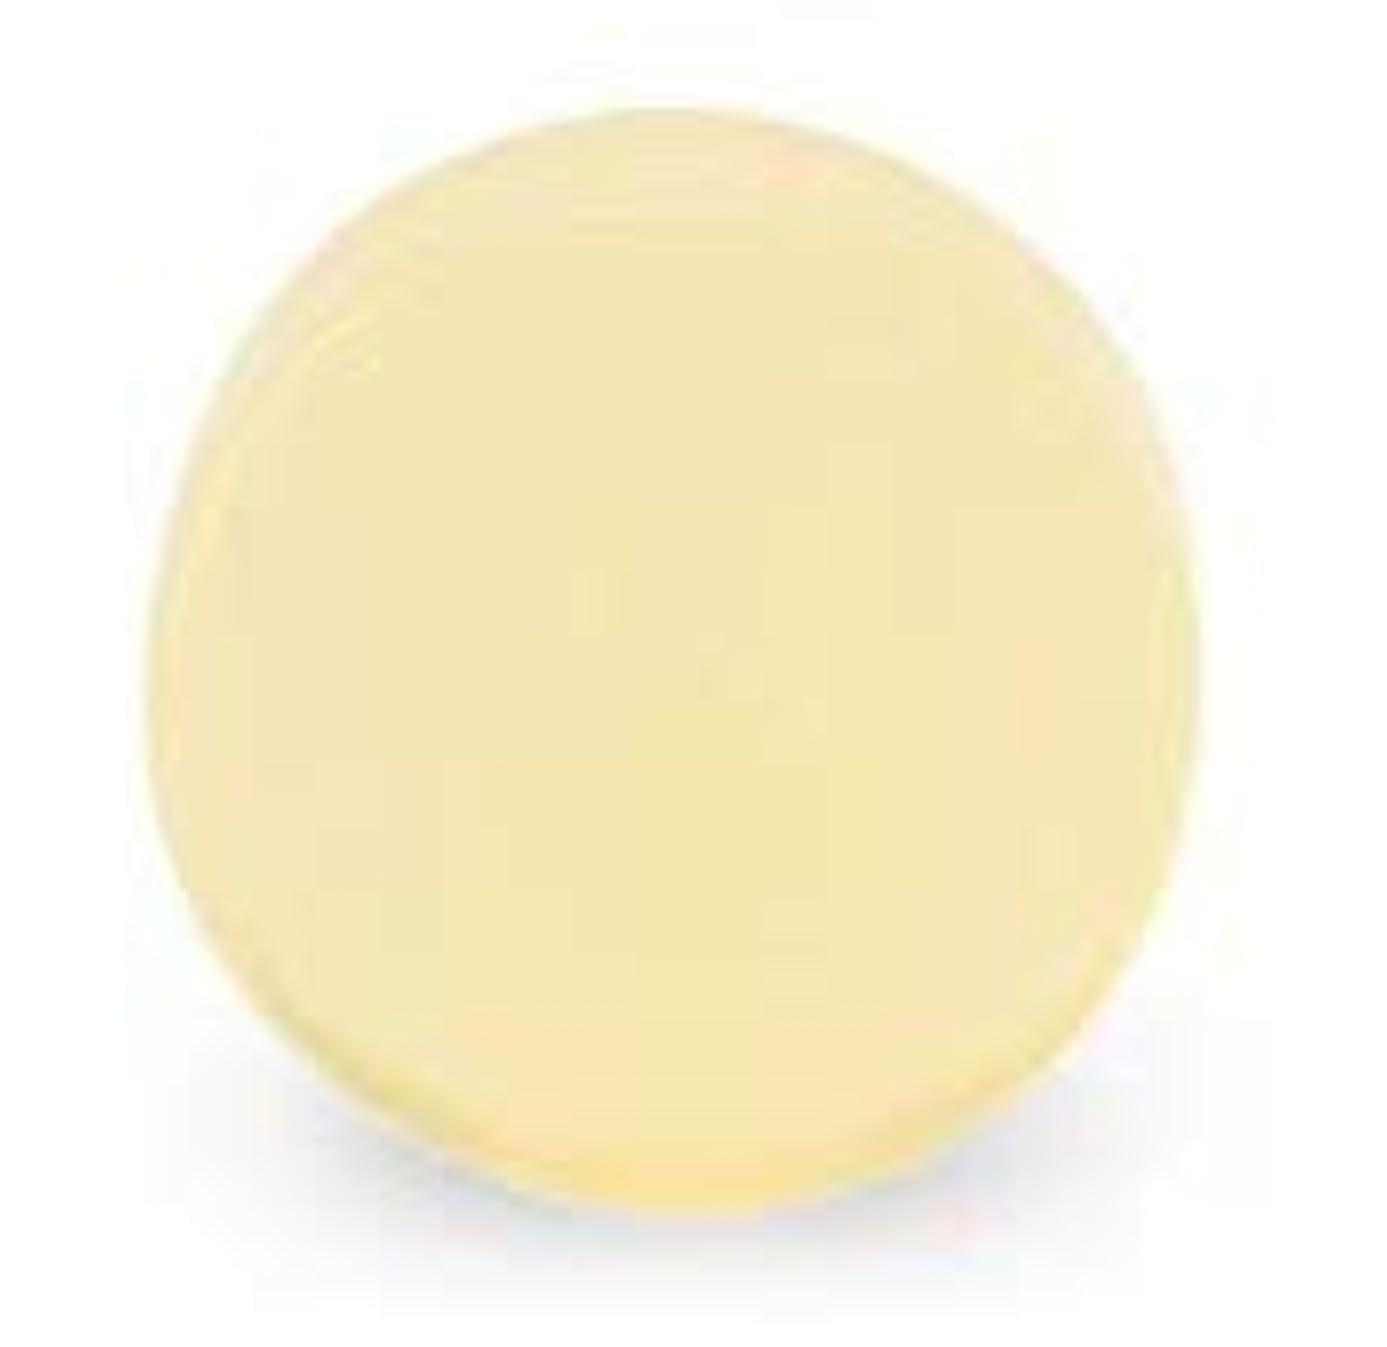 下に鋼熱心リマナチュラル LIMANATURAL カメリアビューティーソープ ソープ 石鹸 スキンケア ボディケア オーガニック マクロビオテック ナチュラル化粧品